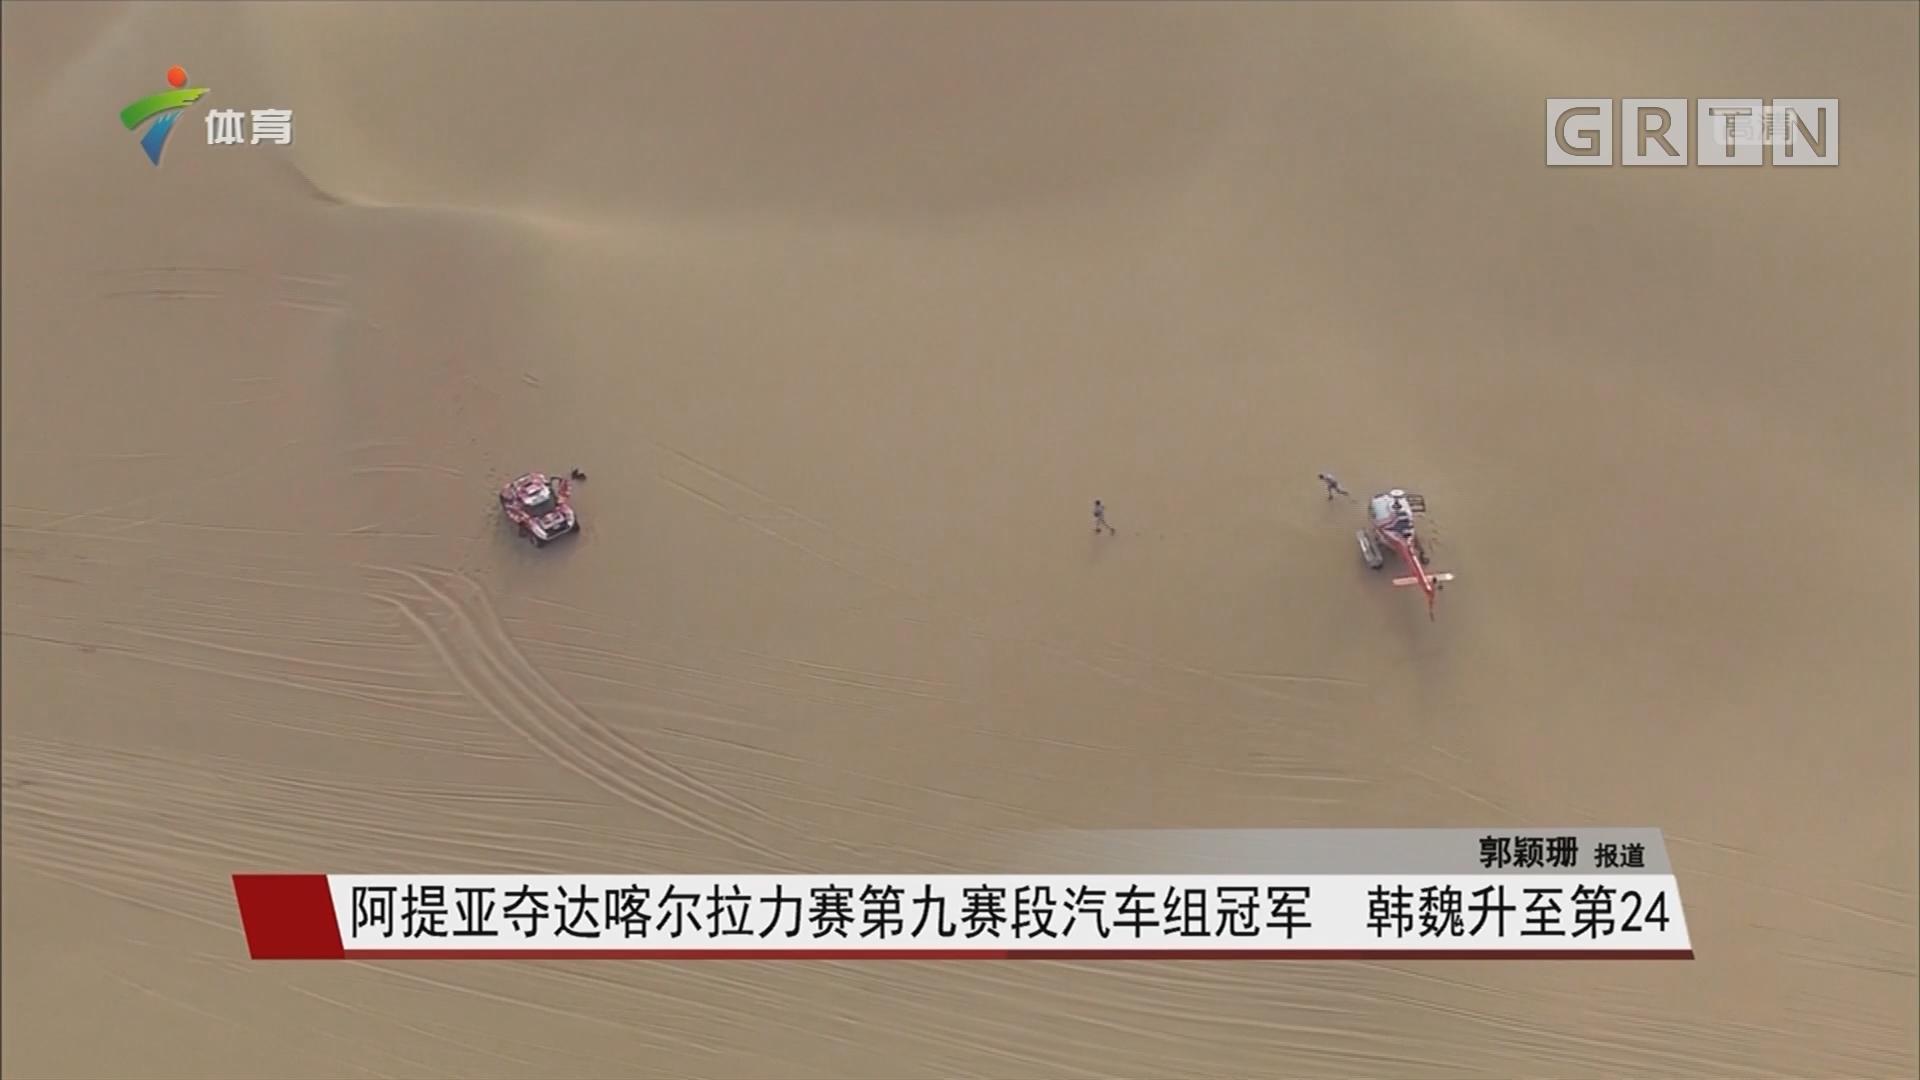 阿提亚夺达喀尔拉力赛第九赛段汽车组冠军 韩魏升至第24(二)